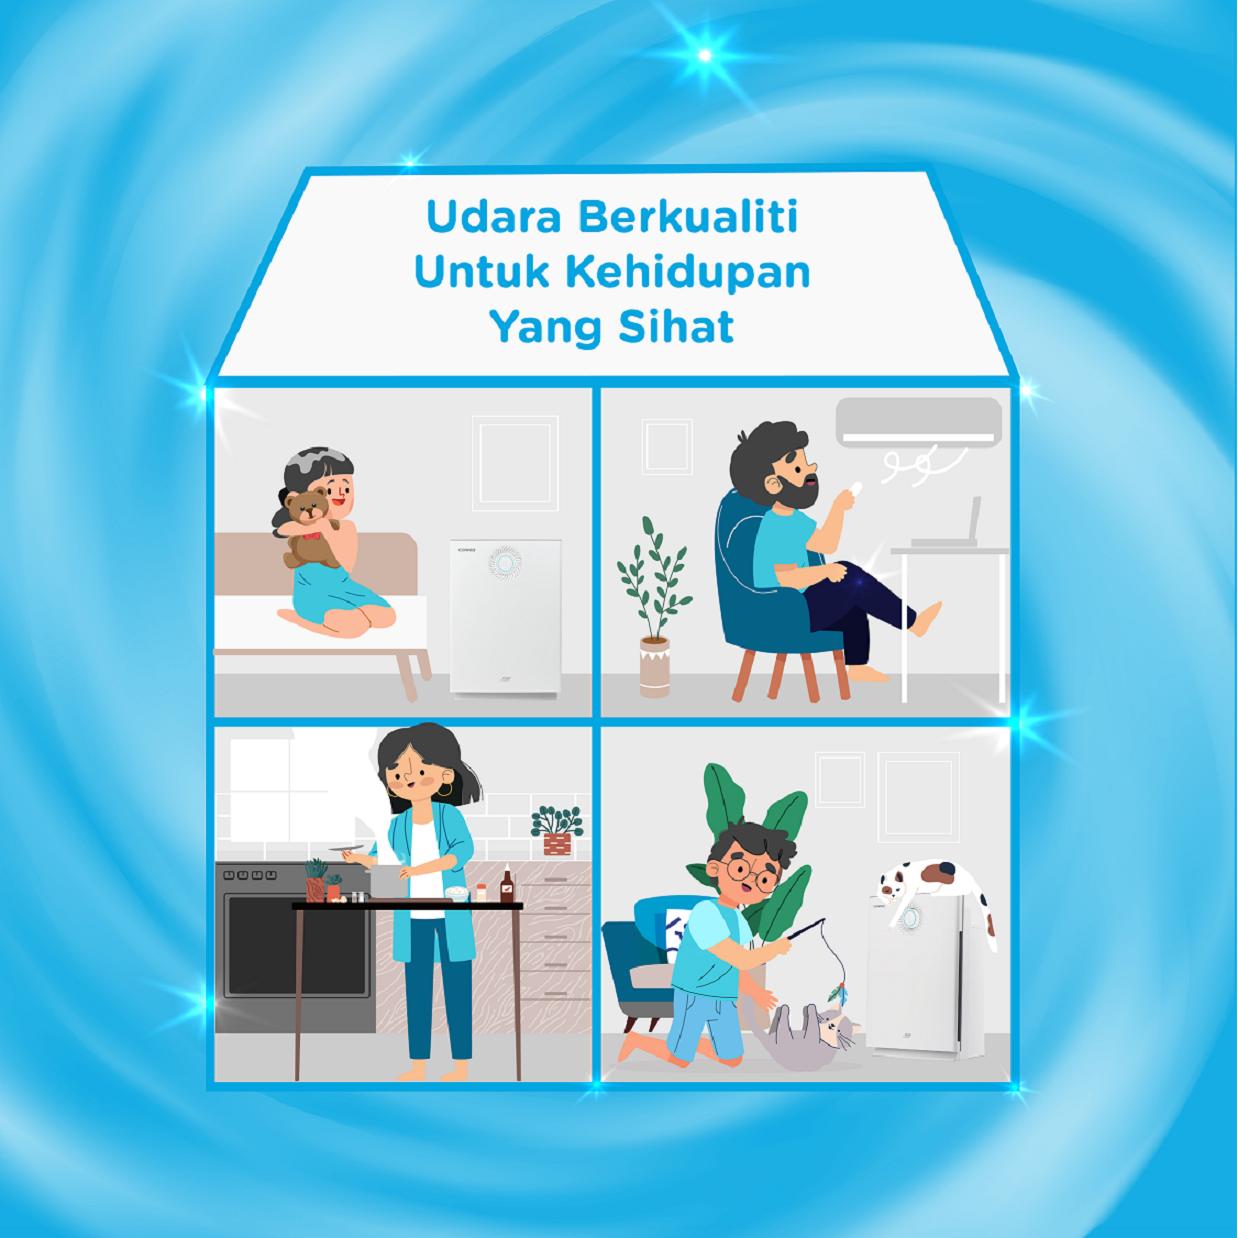 Bersihkan Udara Dalaman Anda untuk Kehidupan Yang Lebih Sihat